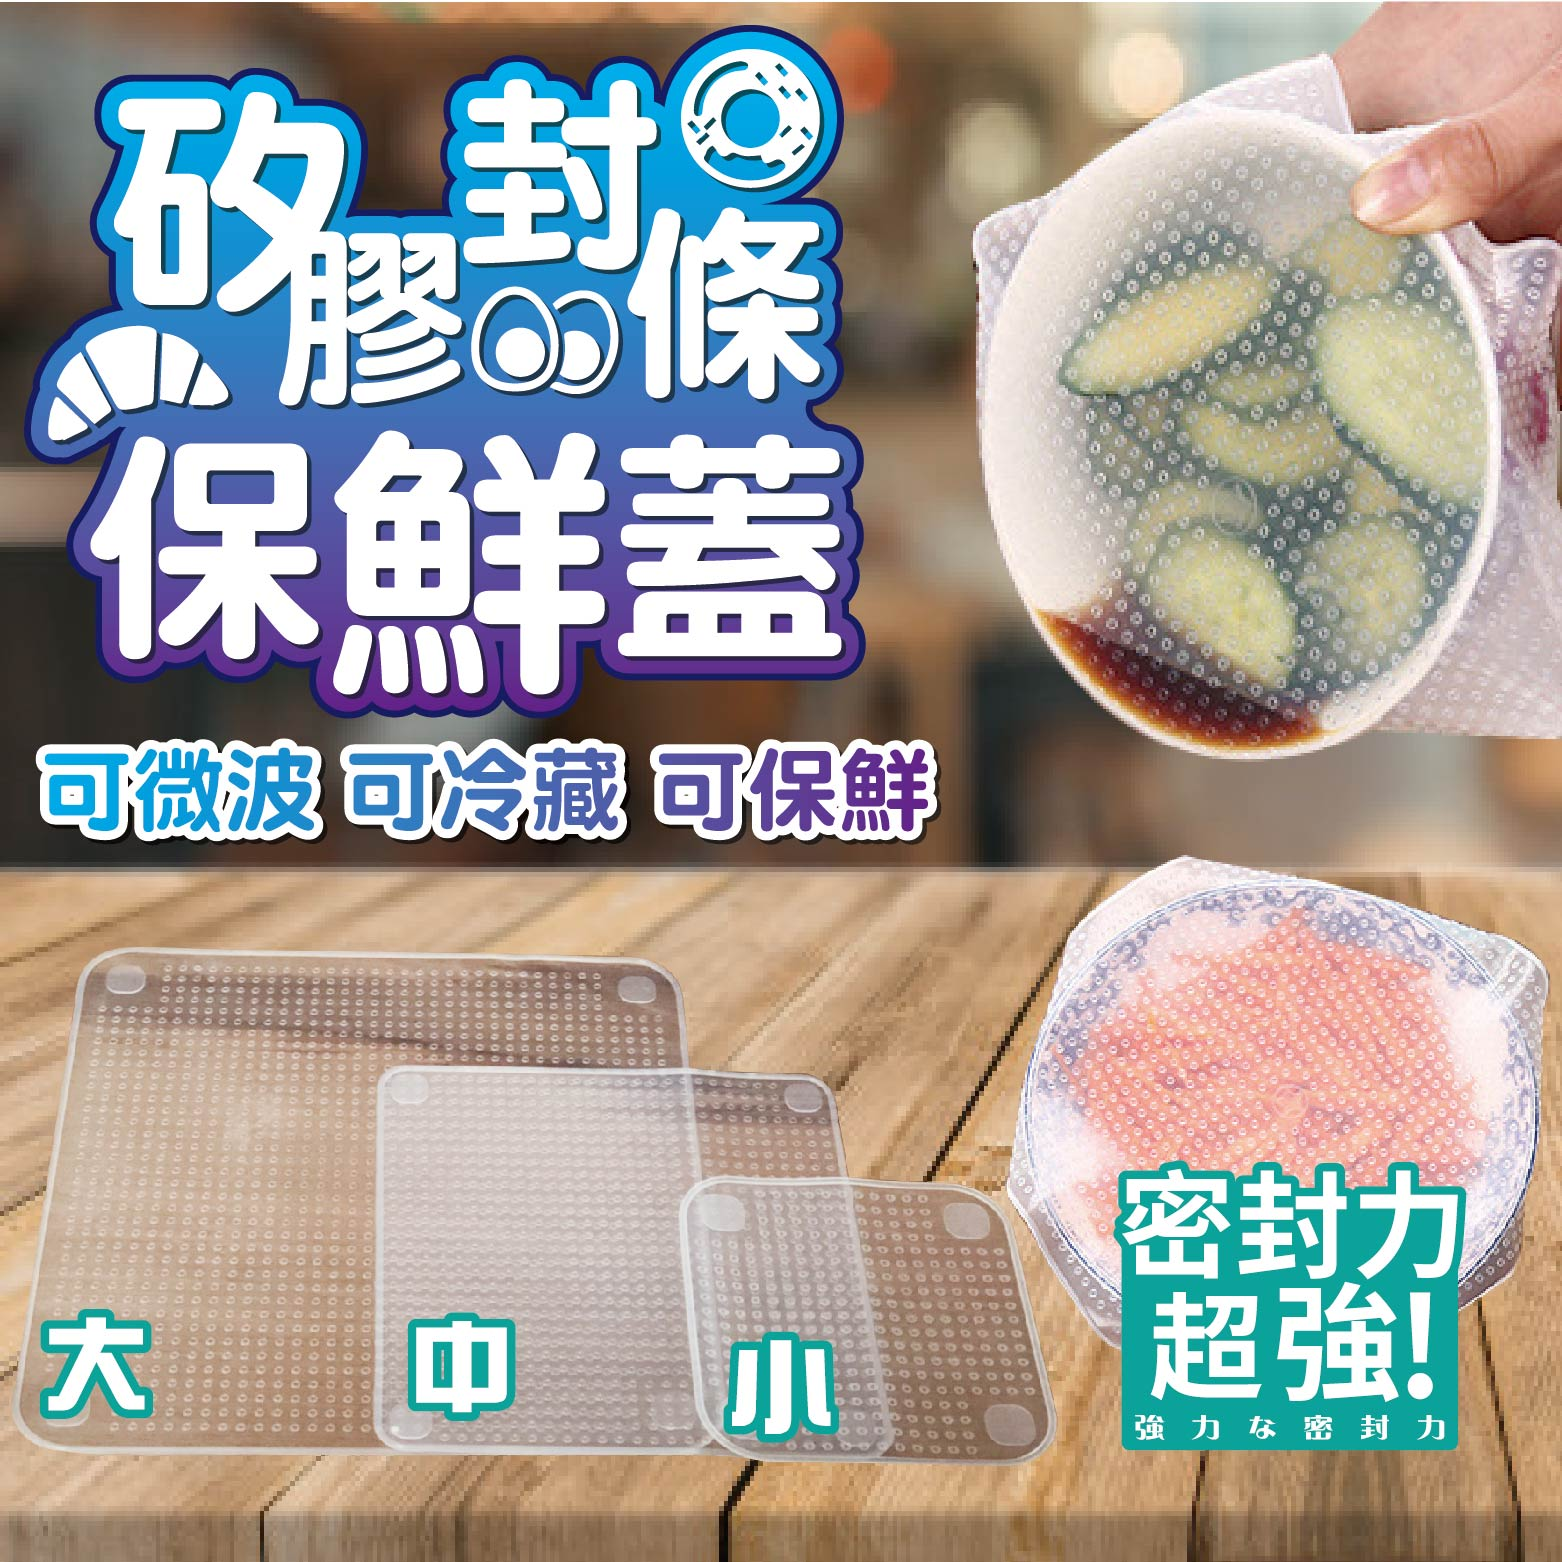 百寶袋-食品矽膠密封保鮮蓋 食物保鮮膜 碗蓋透明矽膠密封蓋冰箱保鮮膜可重複使用廚房微波爐加熱蓋子保鮮蓋【BE215】